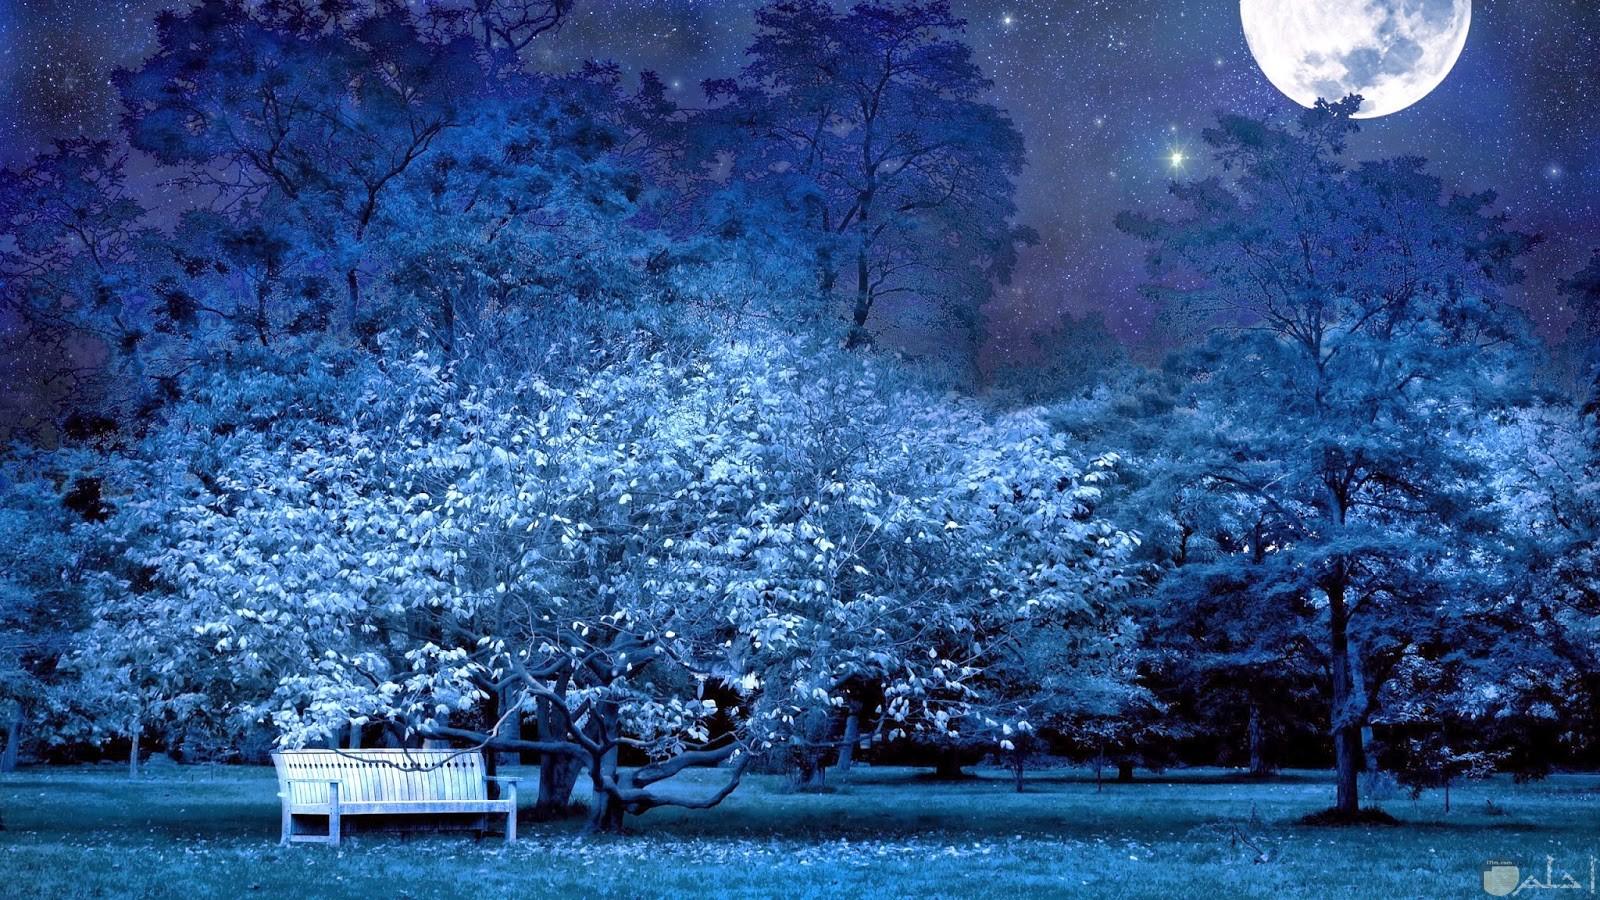 من اجمل صور القمر